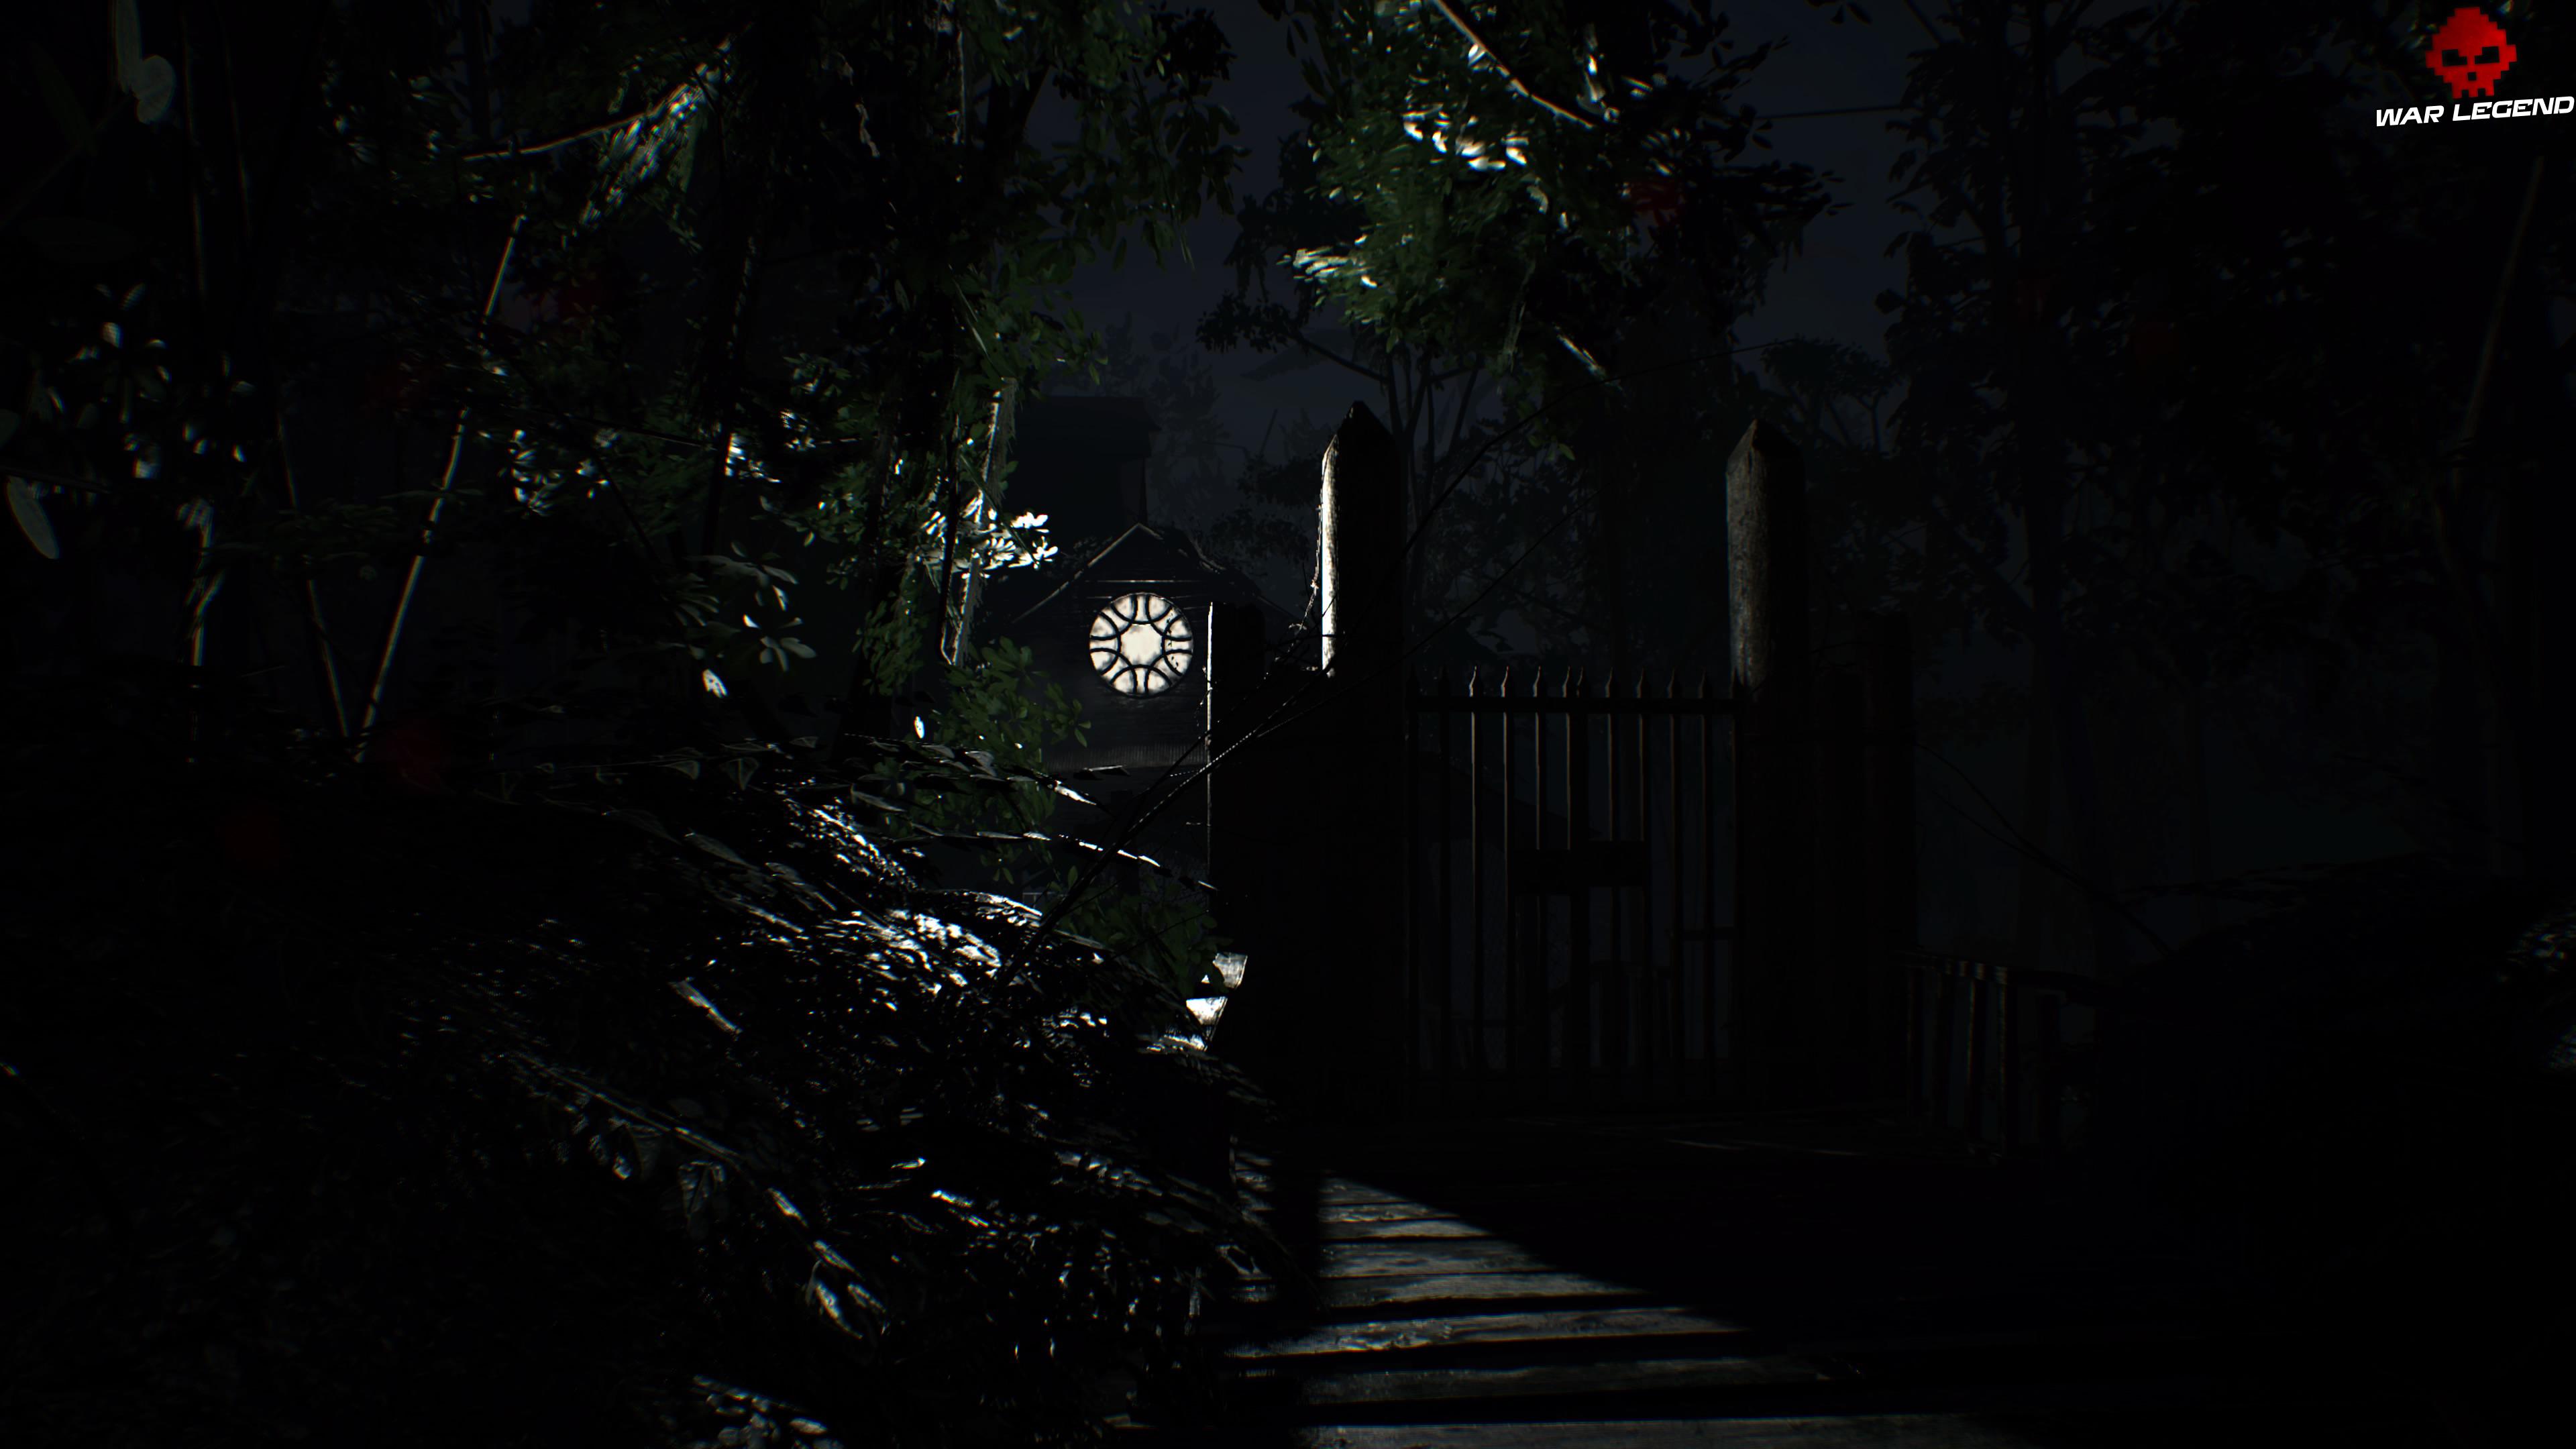 Solution Resident Evil 7 Biohazard - Chapitre 4 fenêtre allumée dans la nuit